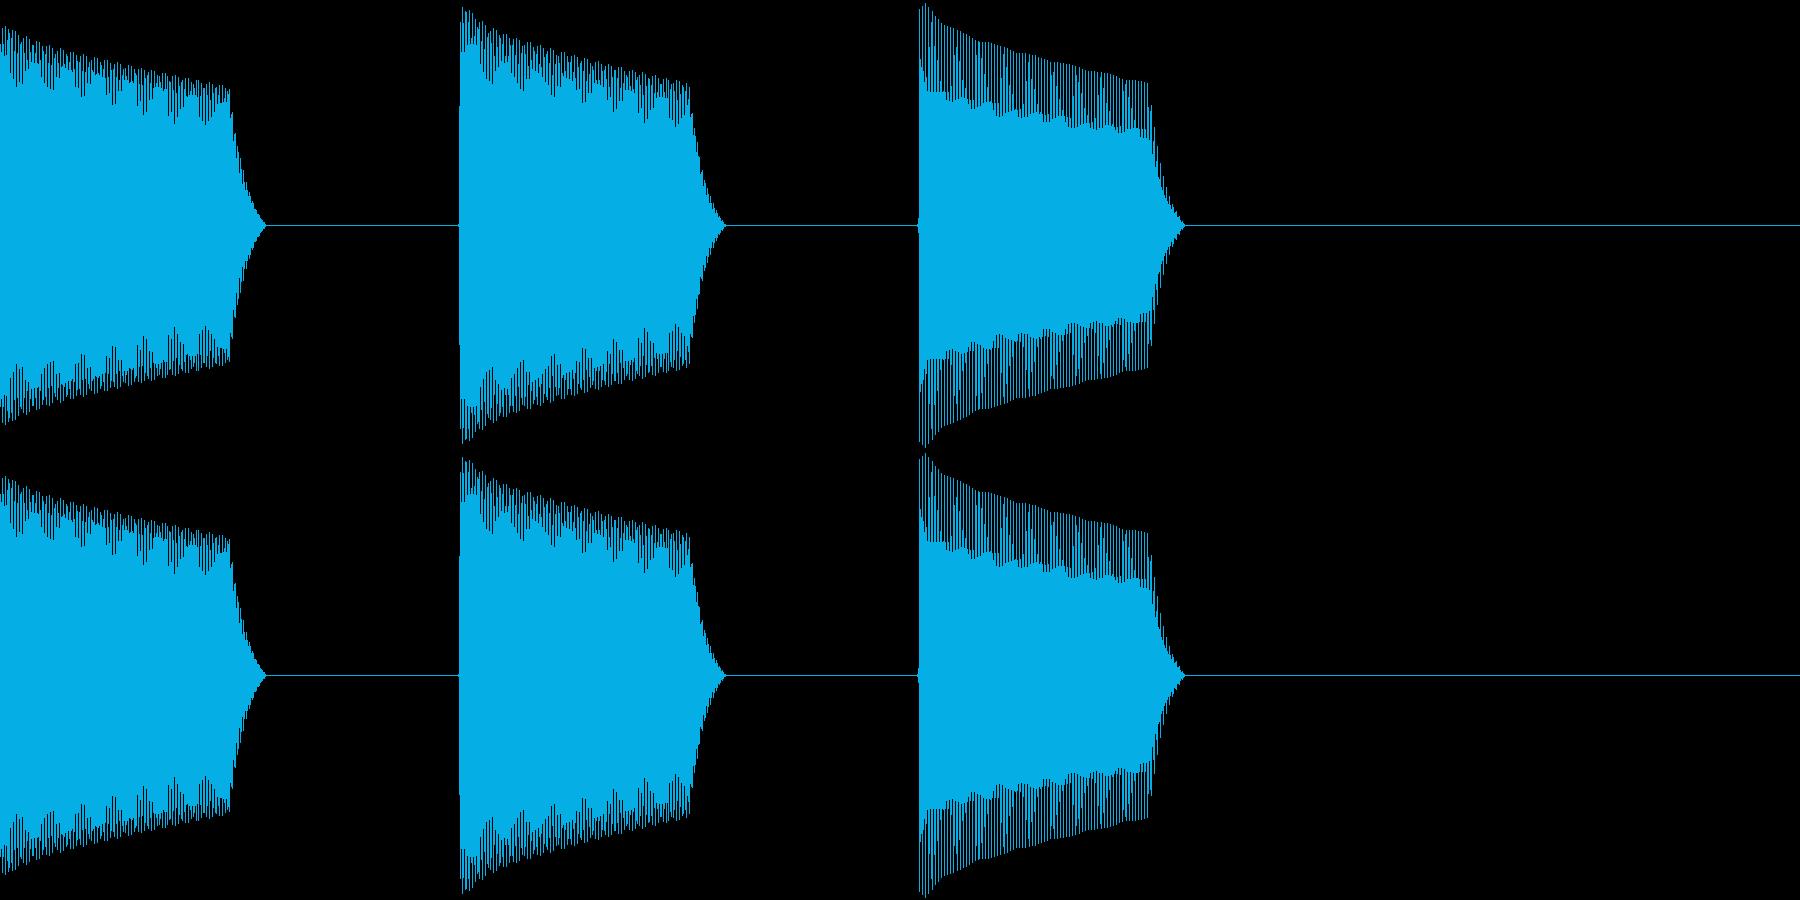 ATM 操作音 7の再生済みの波形